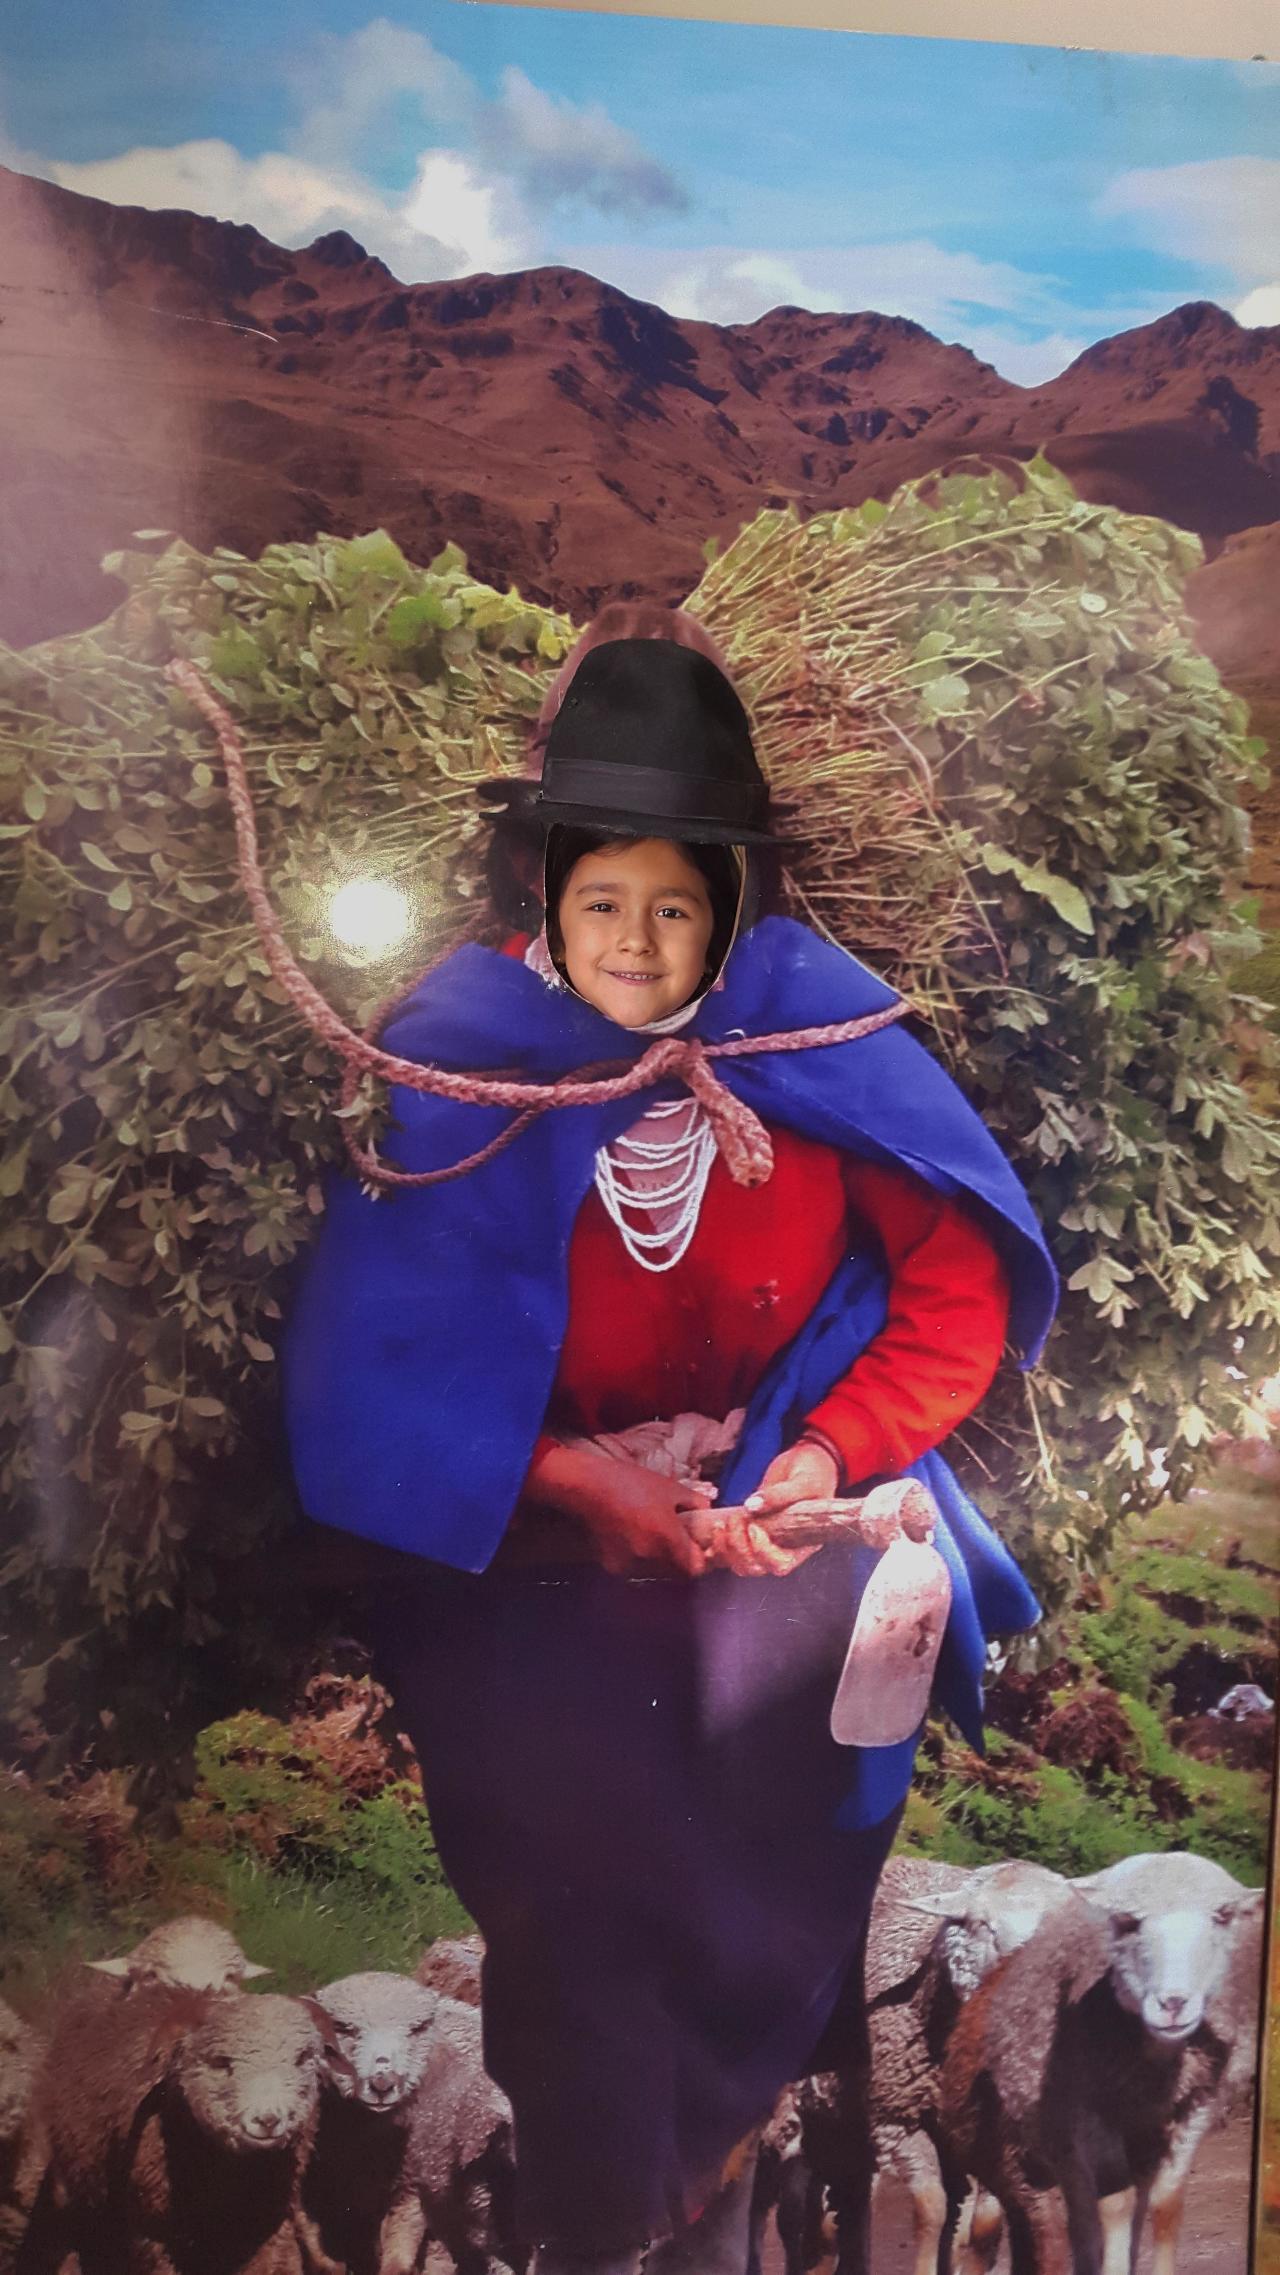 Comme elle ressemble à Léa cette paysanne équatorienne avec son troupeau, son dos chargé et sa bêche ?....